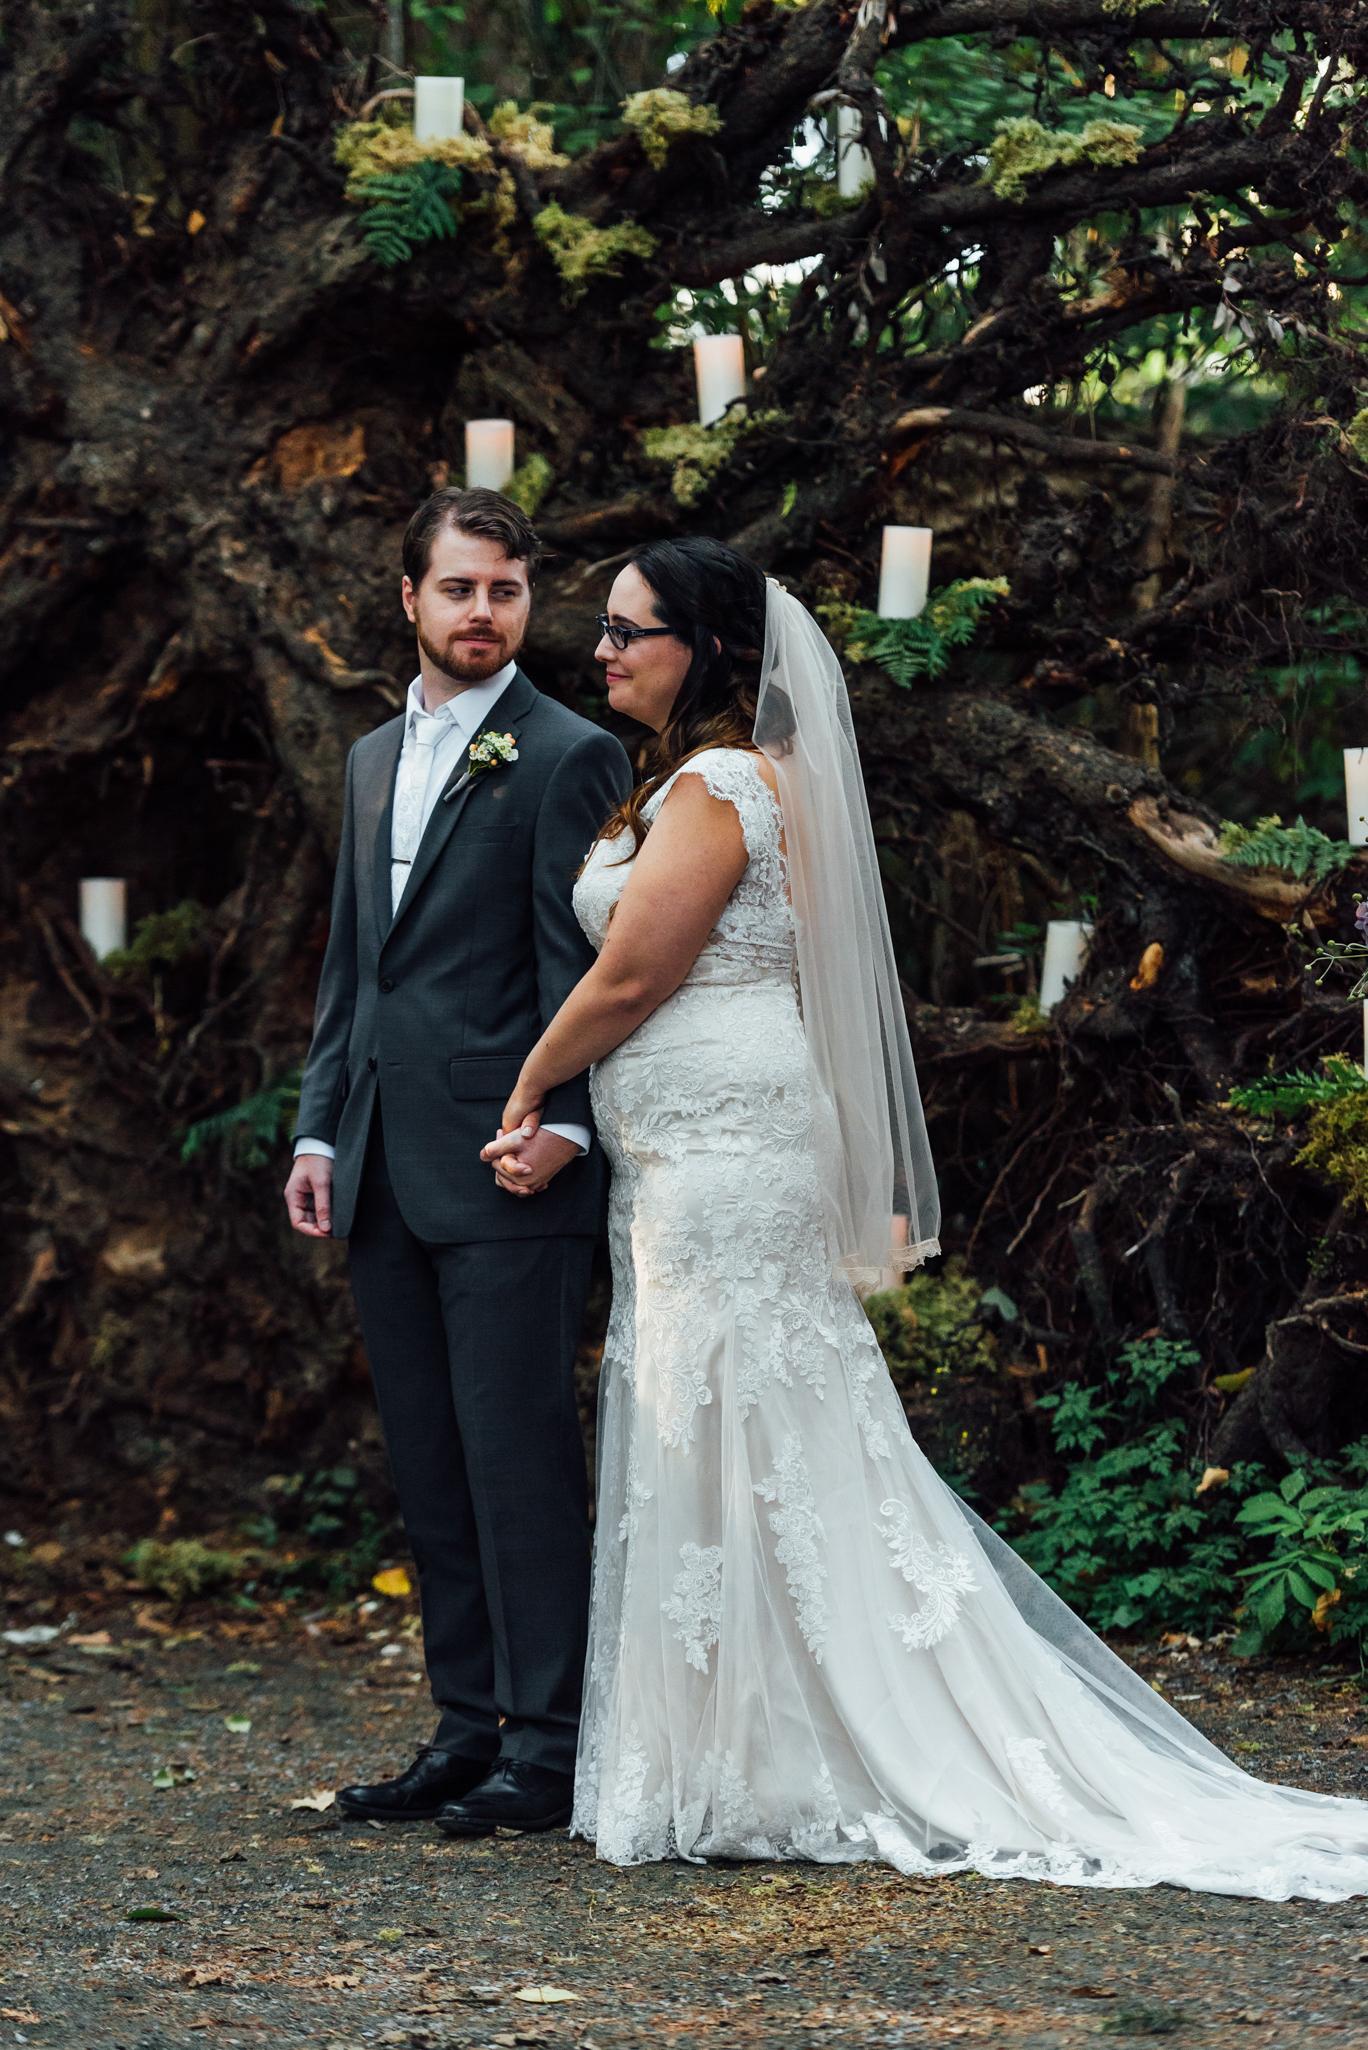 Nicola_Reiersen_Photography_Sea_Cider_Forest_Wedding (71).jpg